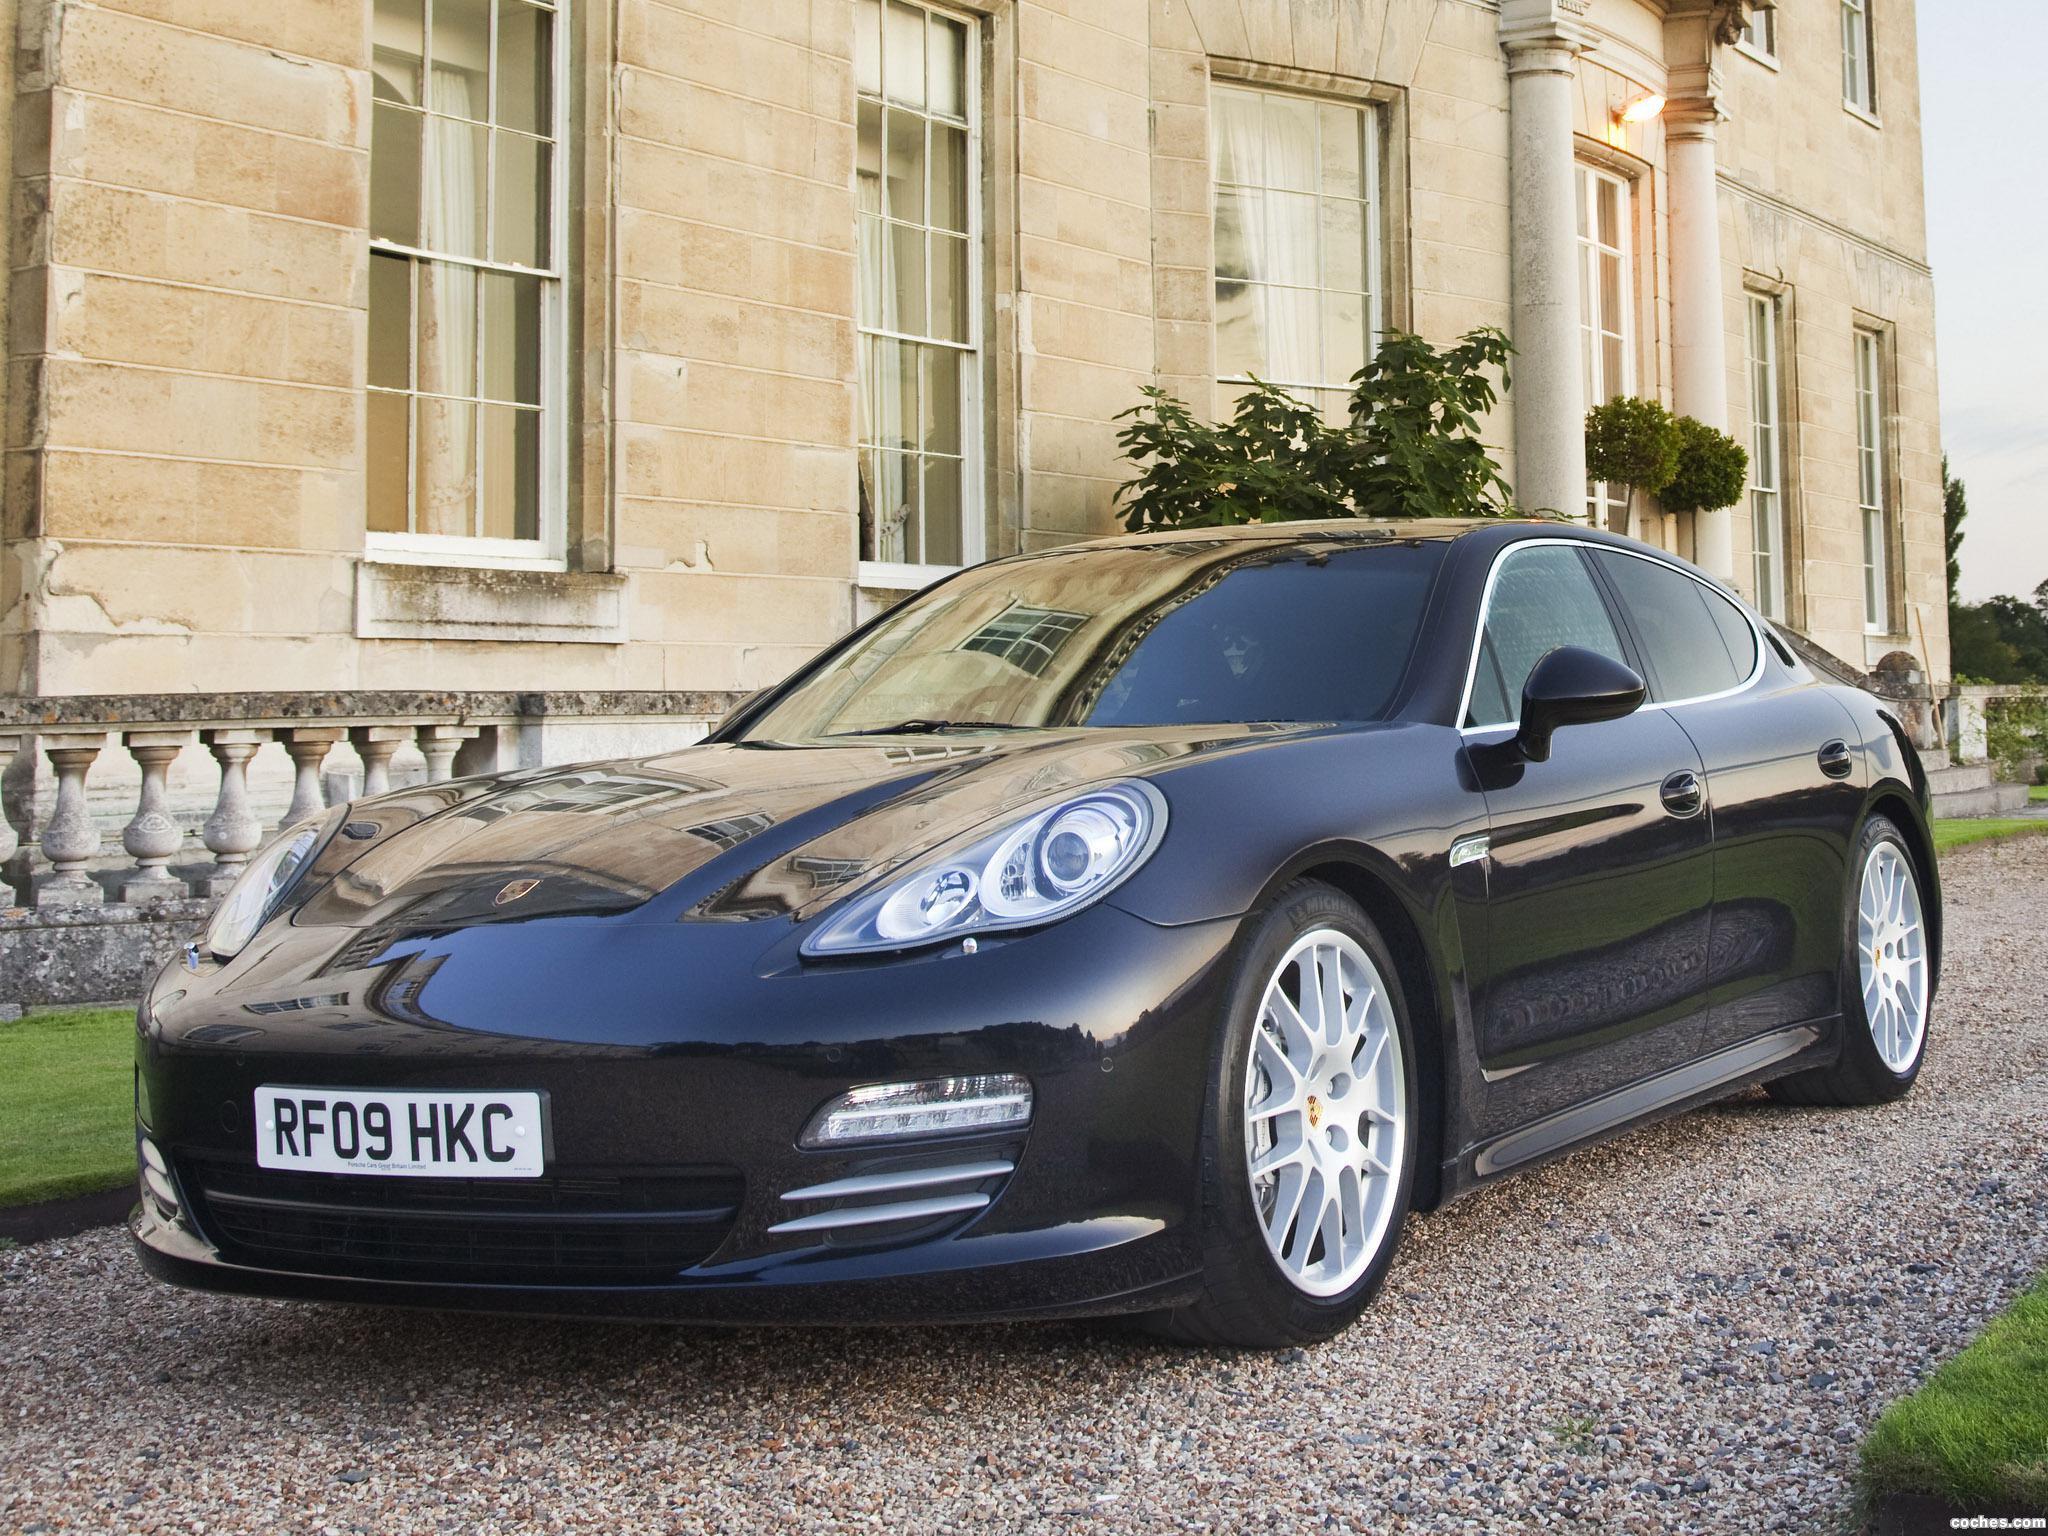 Foto 0 de Porsche Panamera 4S 970 UK 2013